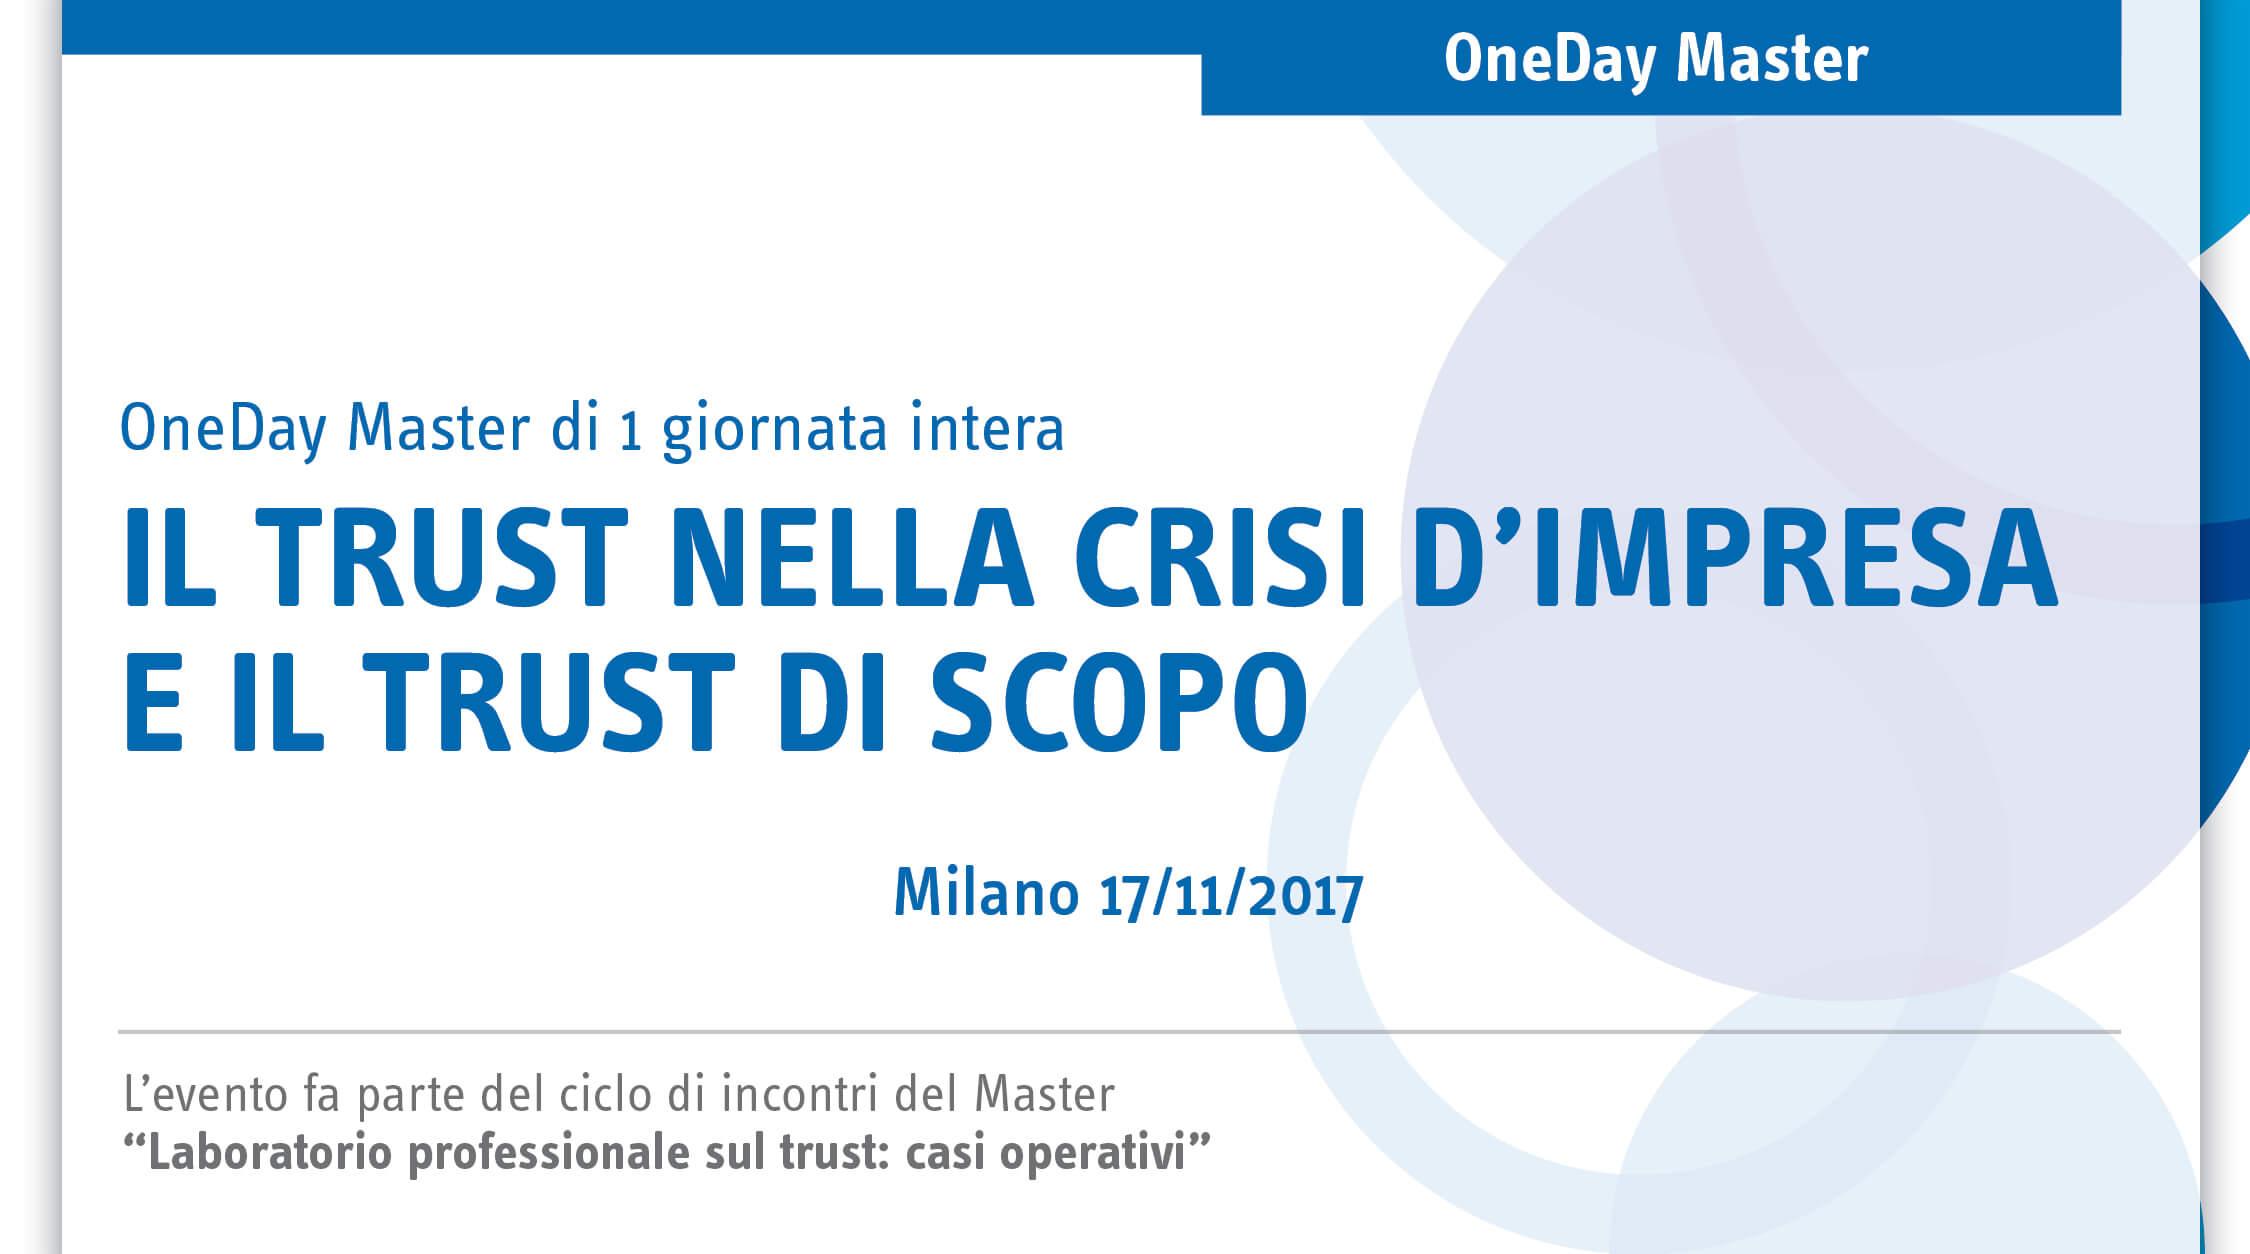 Il trust nella crisi d'impresa e il trust di scopo